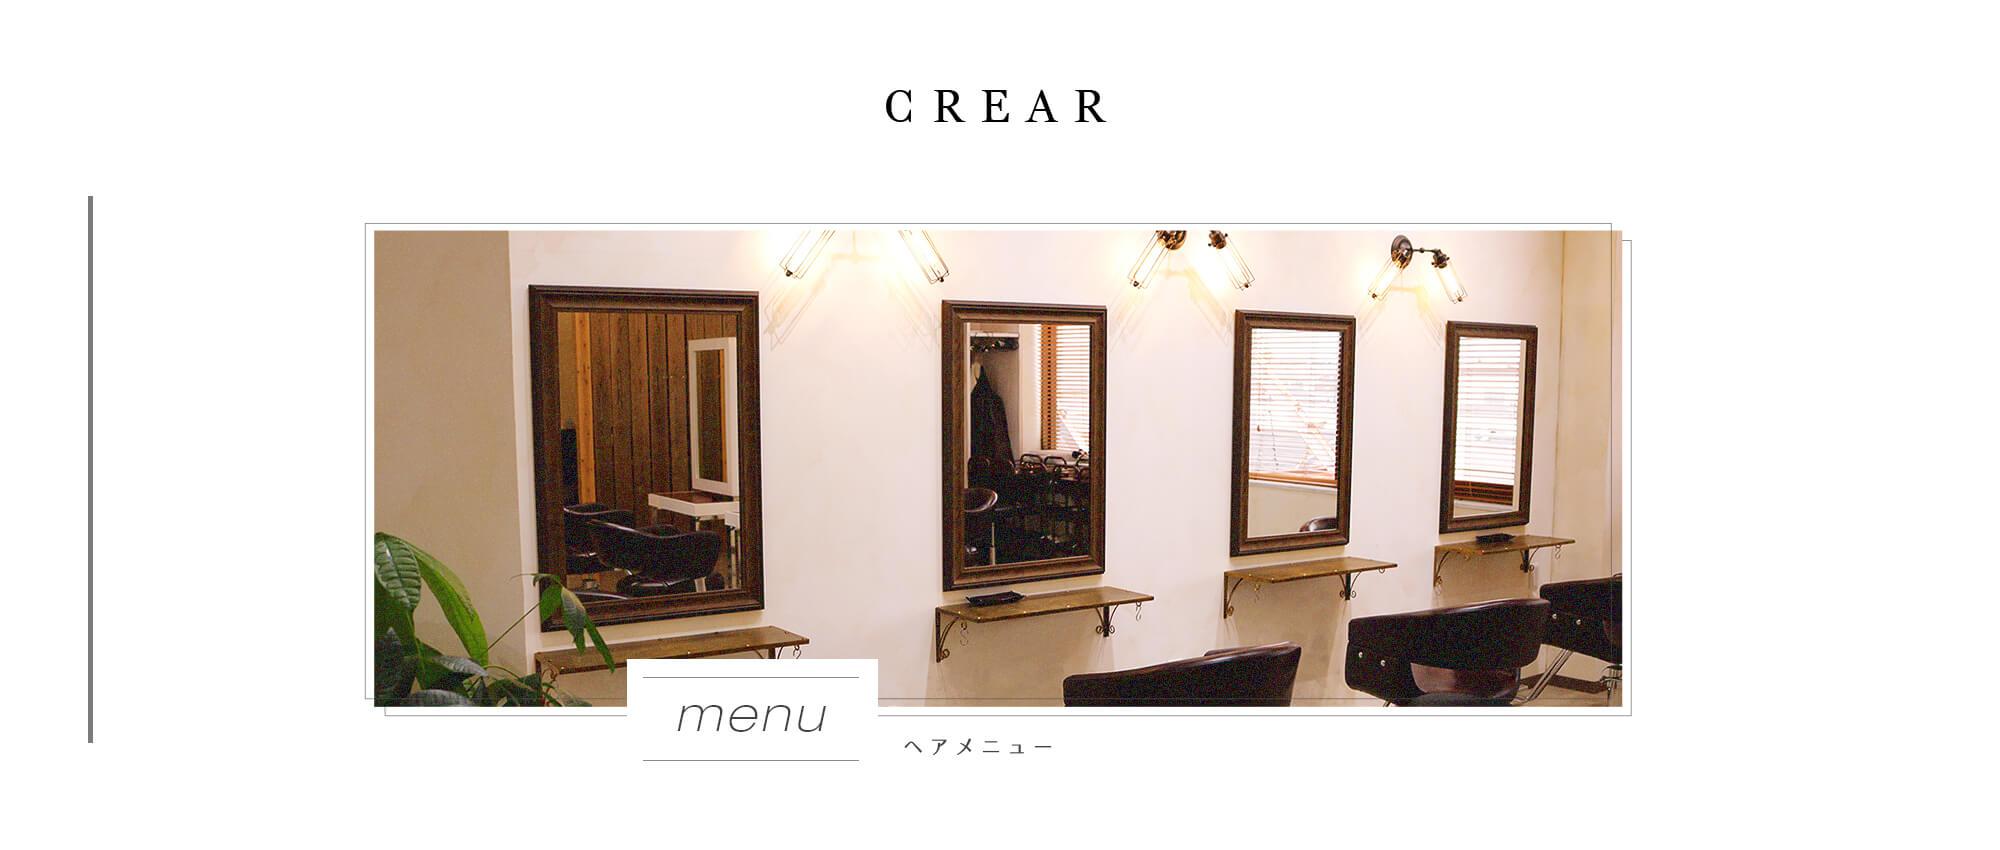 Menu(ヘアメニュー)